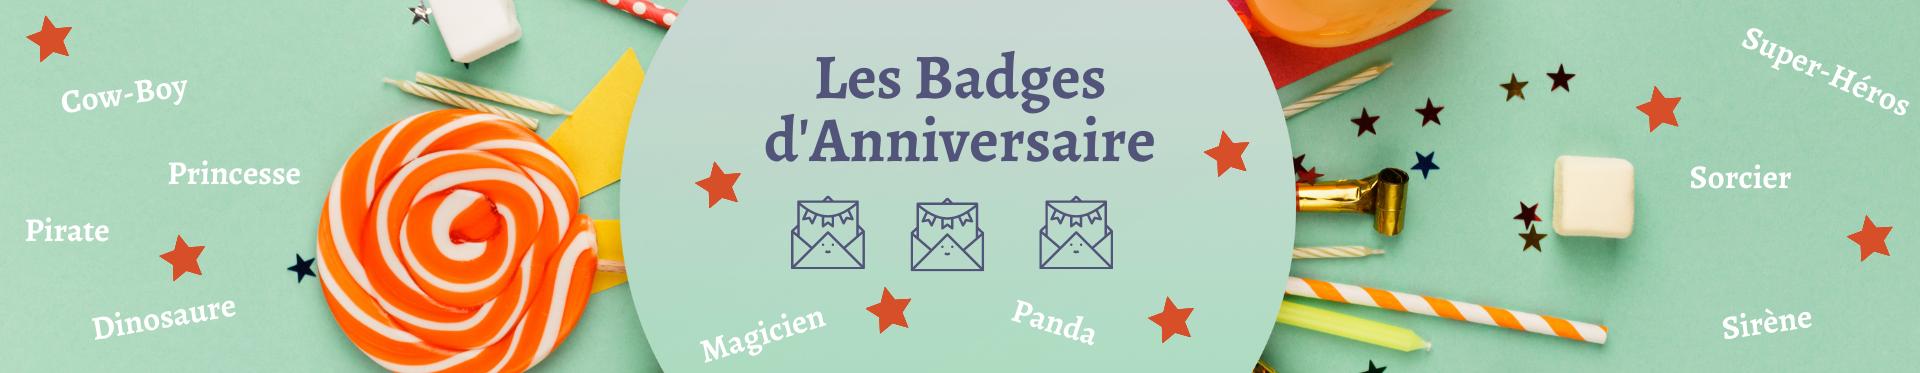 Banniere-Catégorie-Anniversaire-Badges-2